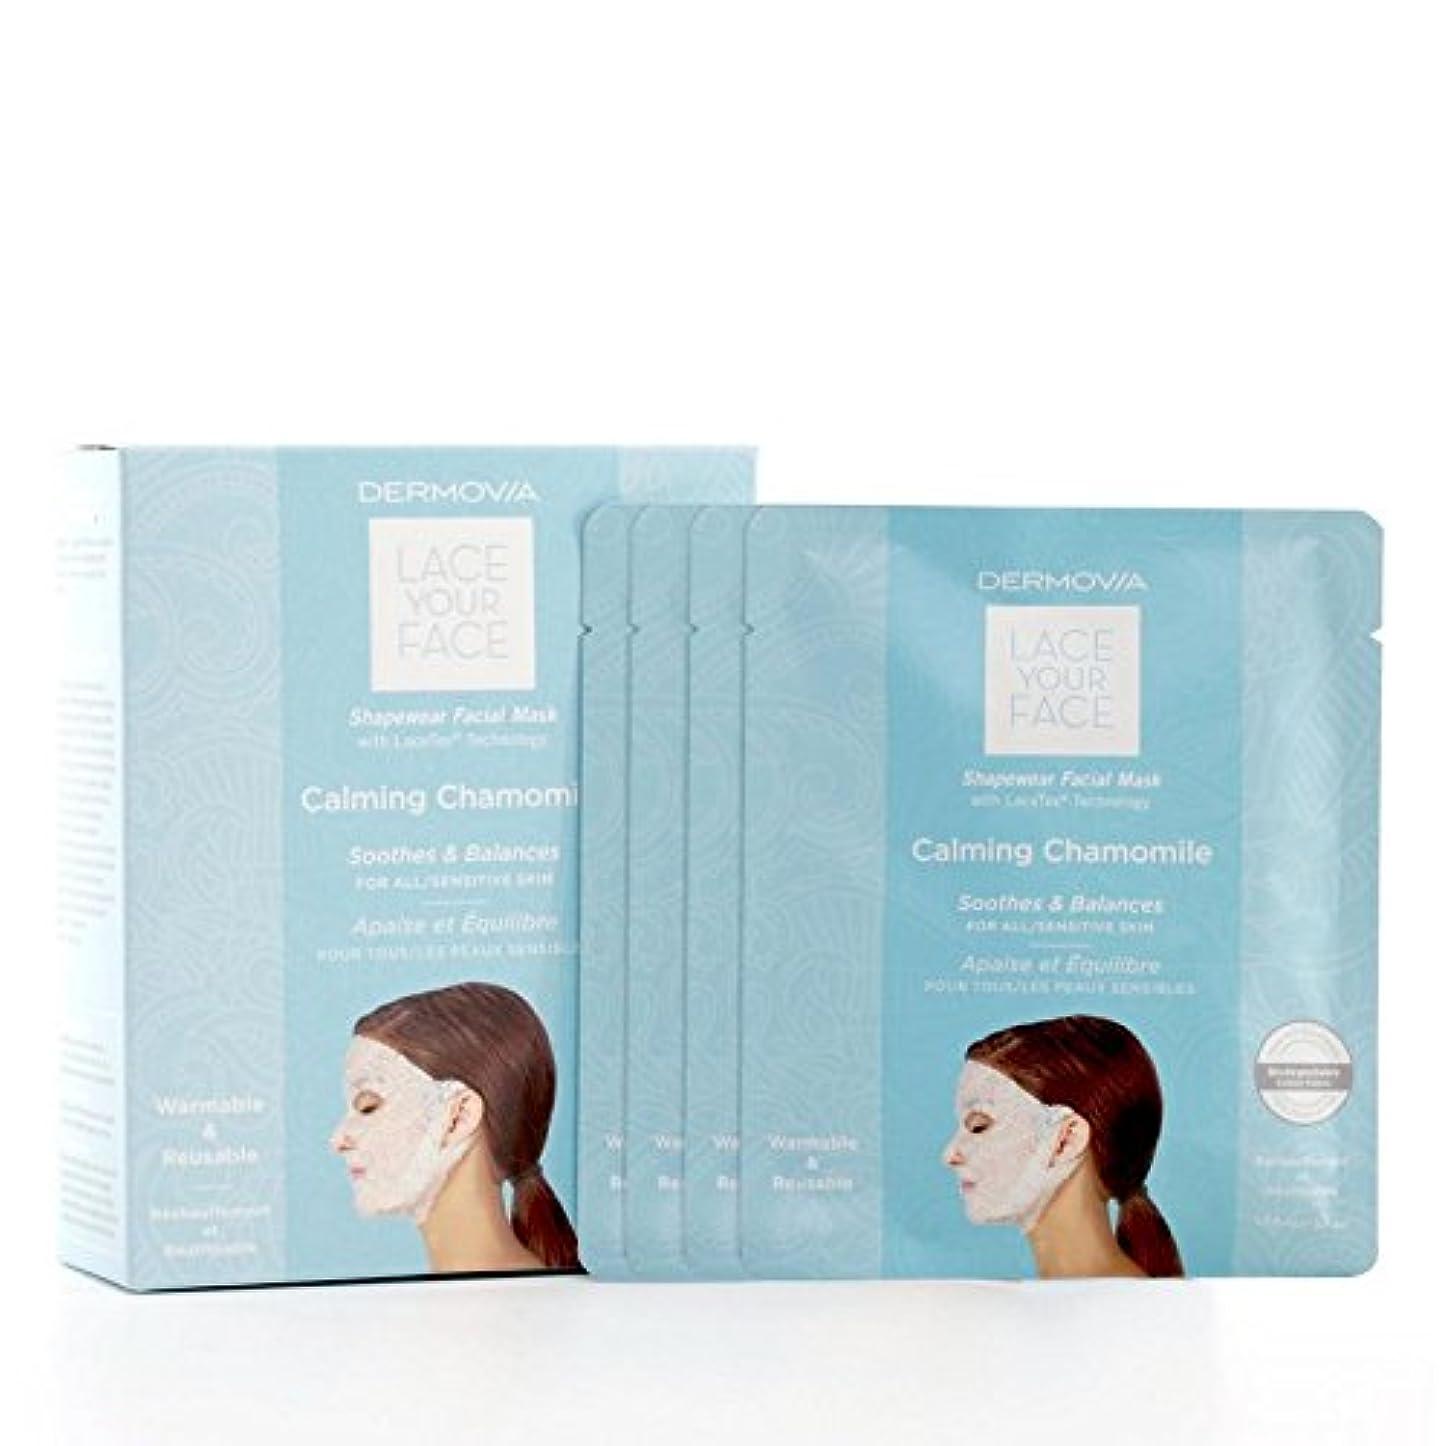 確保する融合はずは、あなたの顔の圧縮フェイシャルマスク心を落ち着かせるカモミールをひもで締めます x2 - Dermovia Lace Your Face Compression Facial Mask Calming Chamomile...